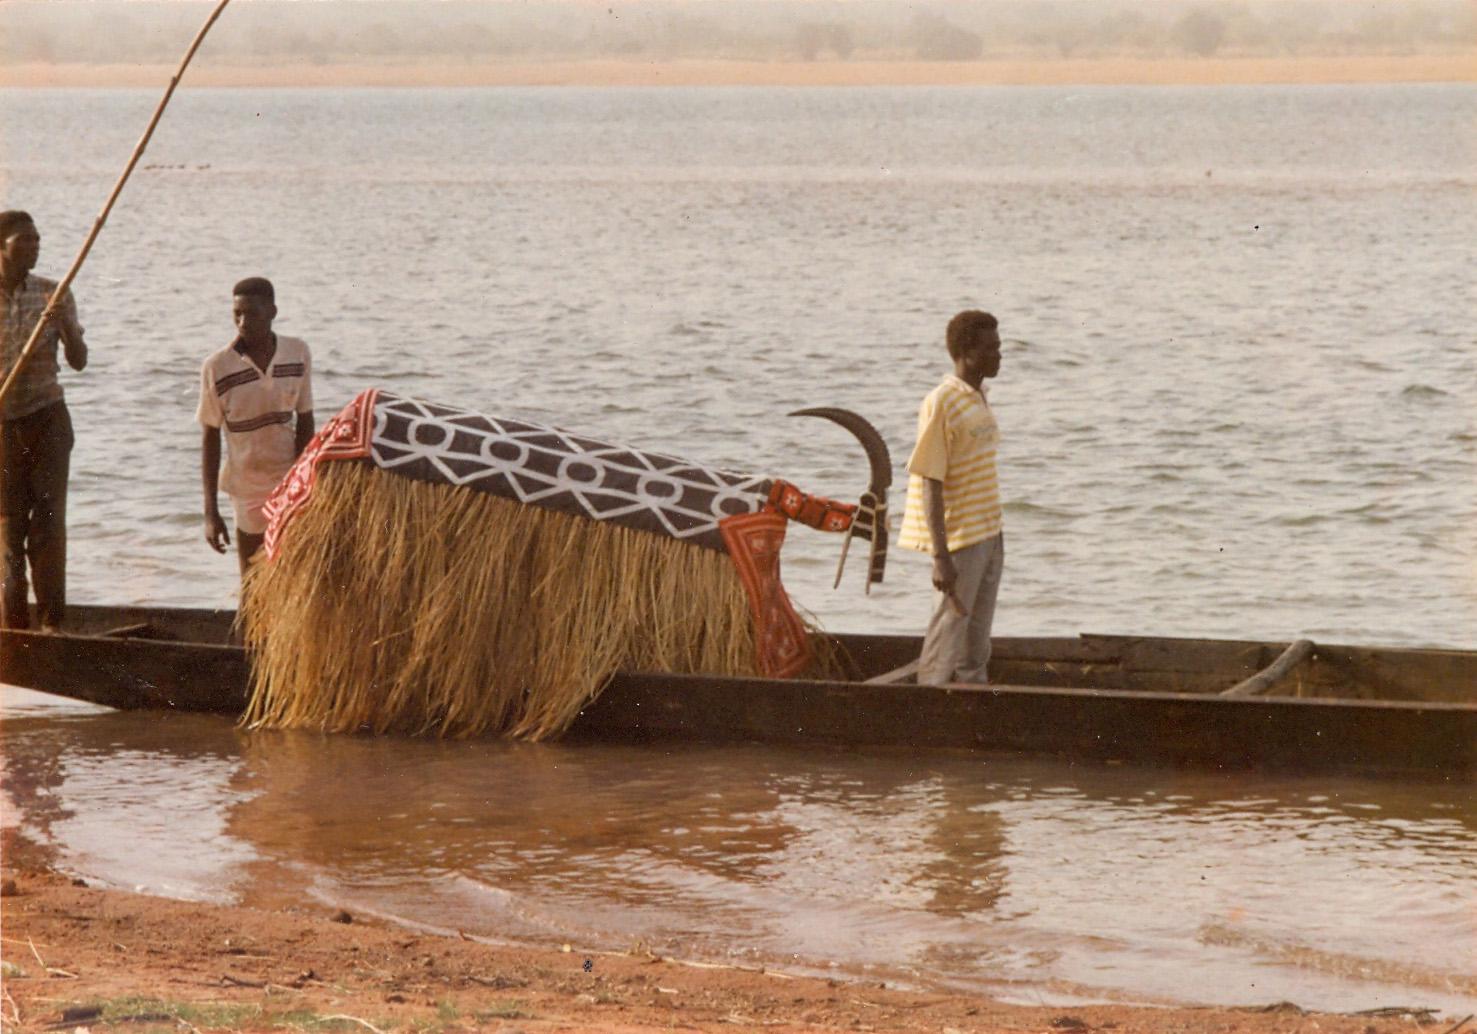 <em>Dajè</em> (hippotragus, antilope cheval), une des représentations animales de la classe de marionnettes appelée <em>jikando</em> (marionnettes sur l'eau), Diarabougou, région de Koulikoro, Mali. La marionnette symbolise la chasse. Marionnette habitable, faite de tissu orné et d'herbes sèches, la tête est une sculpture de bois. Photo: Mamadou Samaké